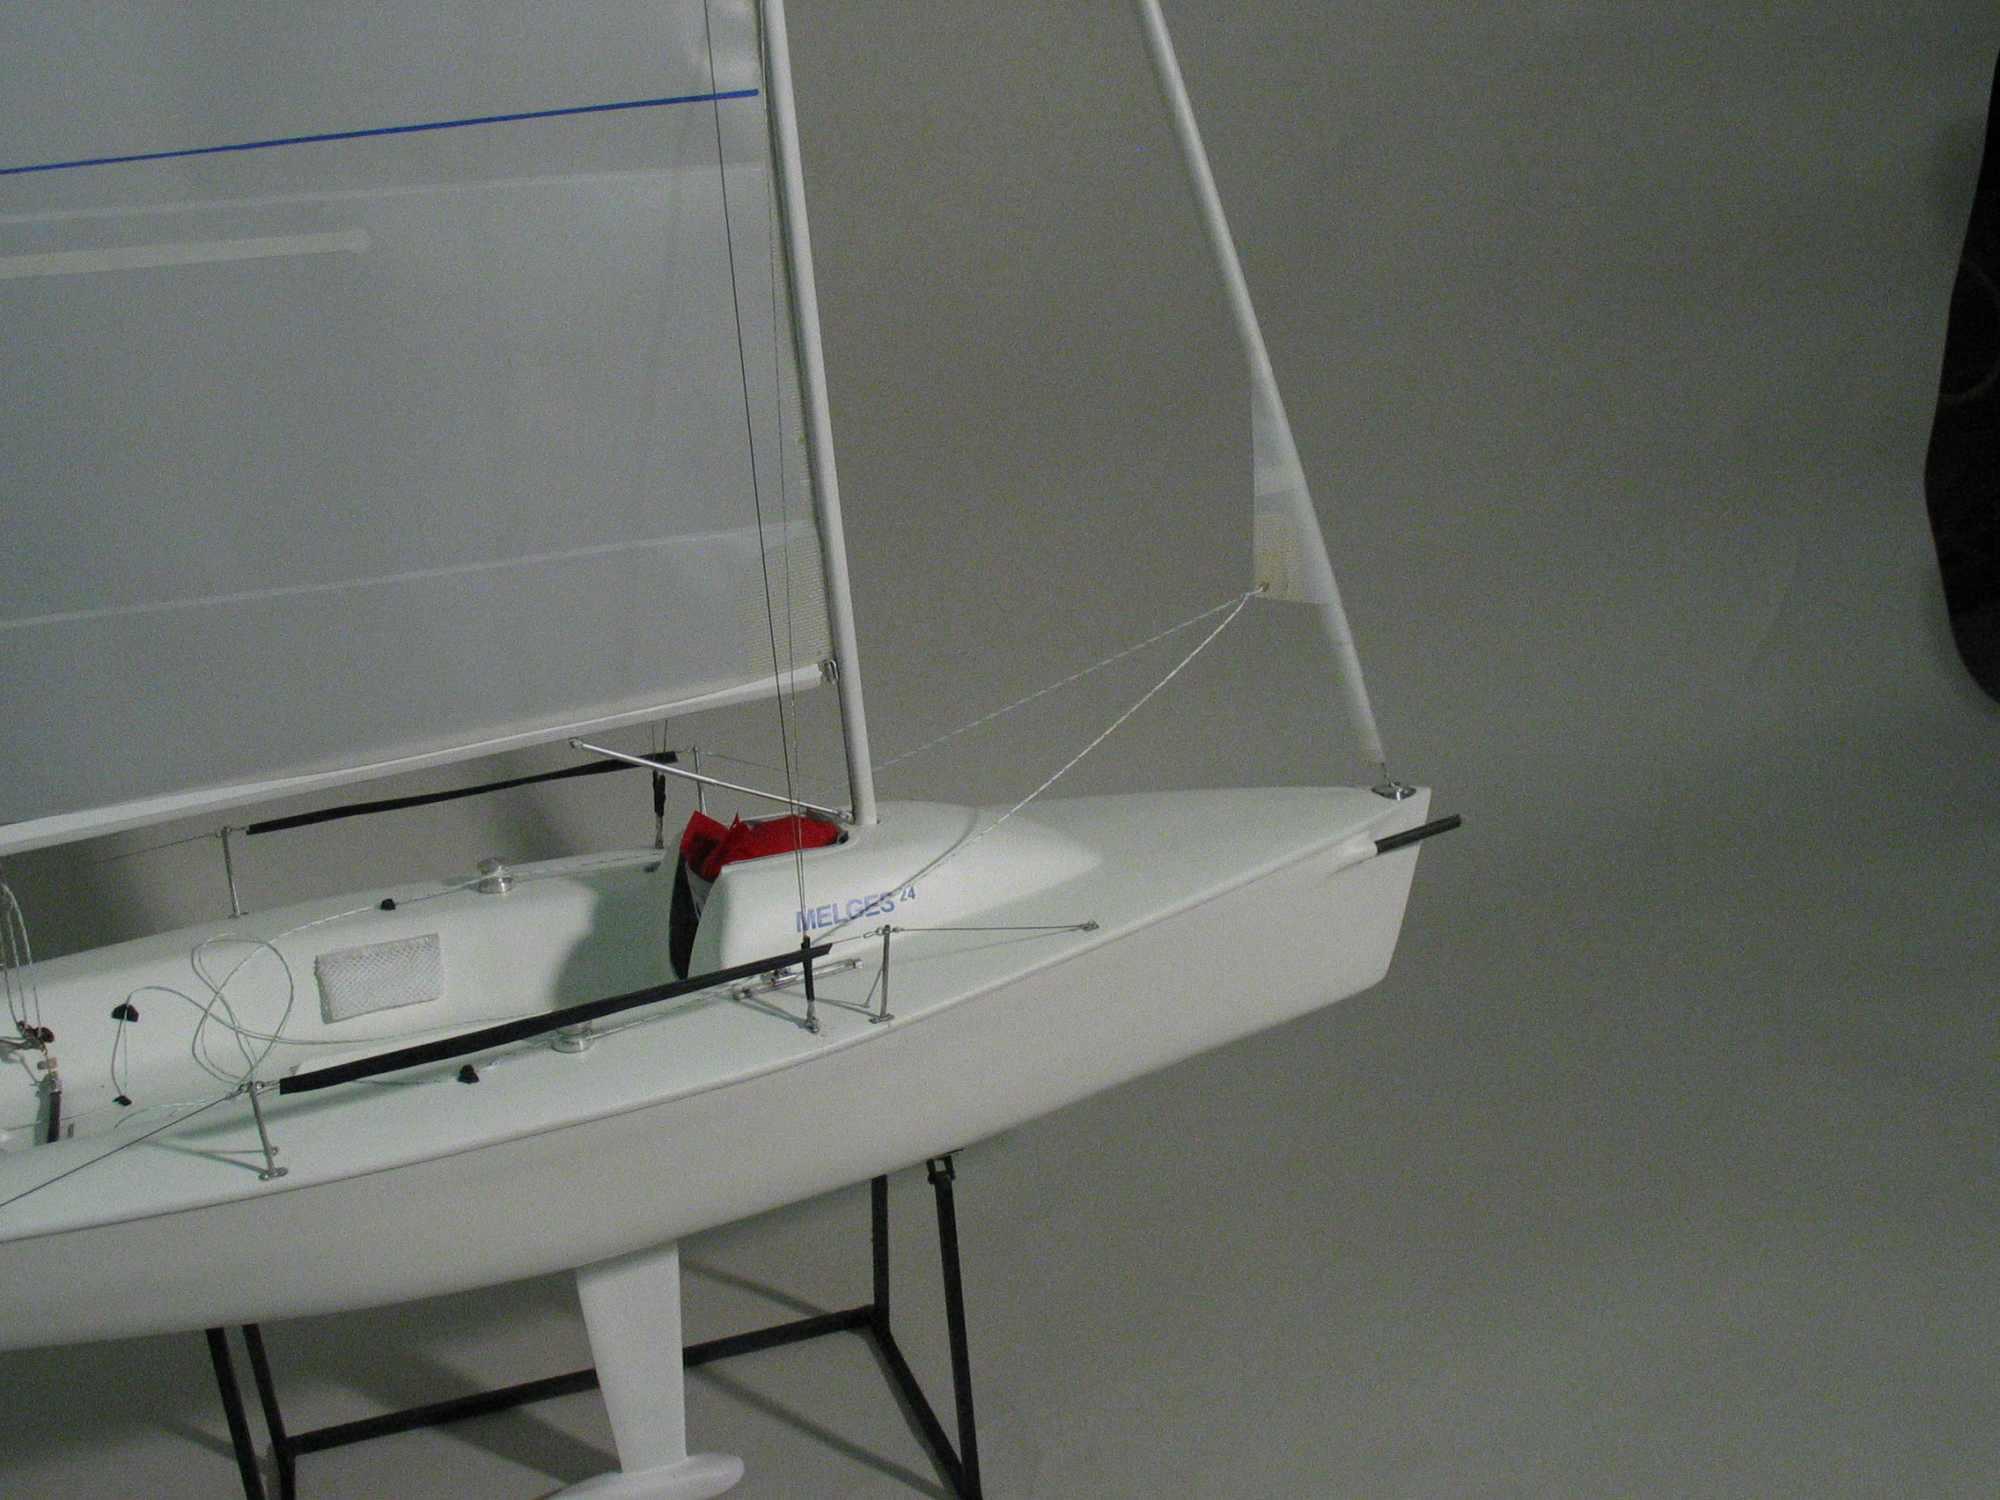 Maquette de Melges 24 Bateau de régate Voilier